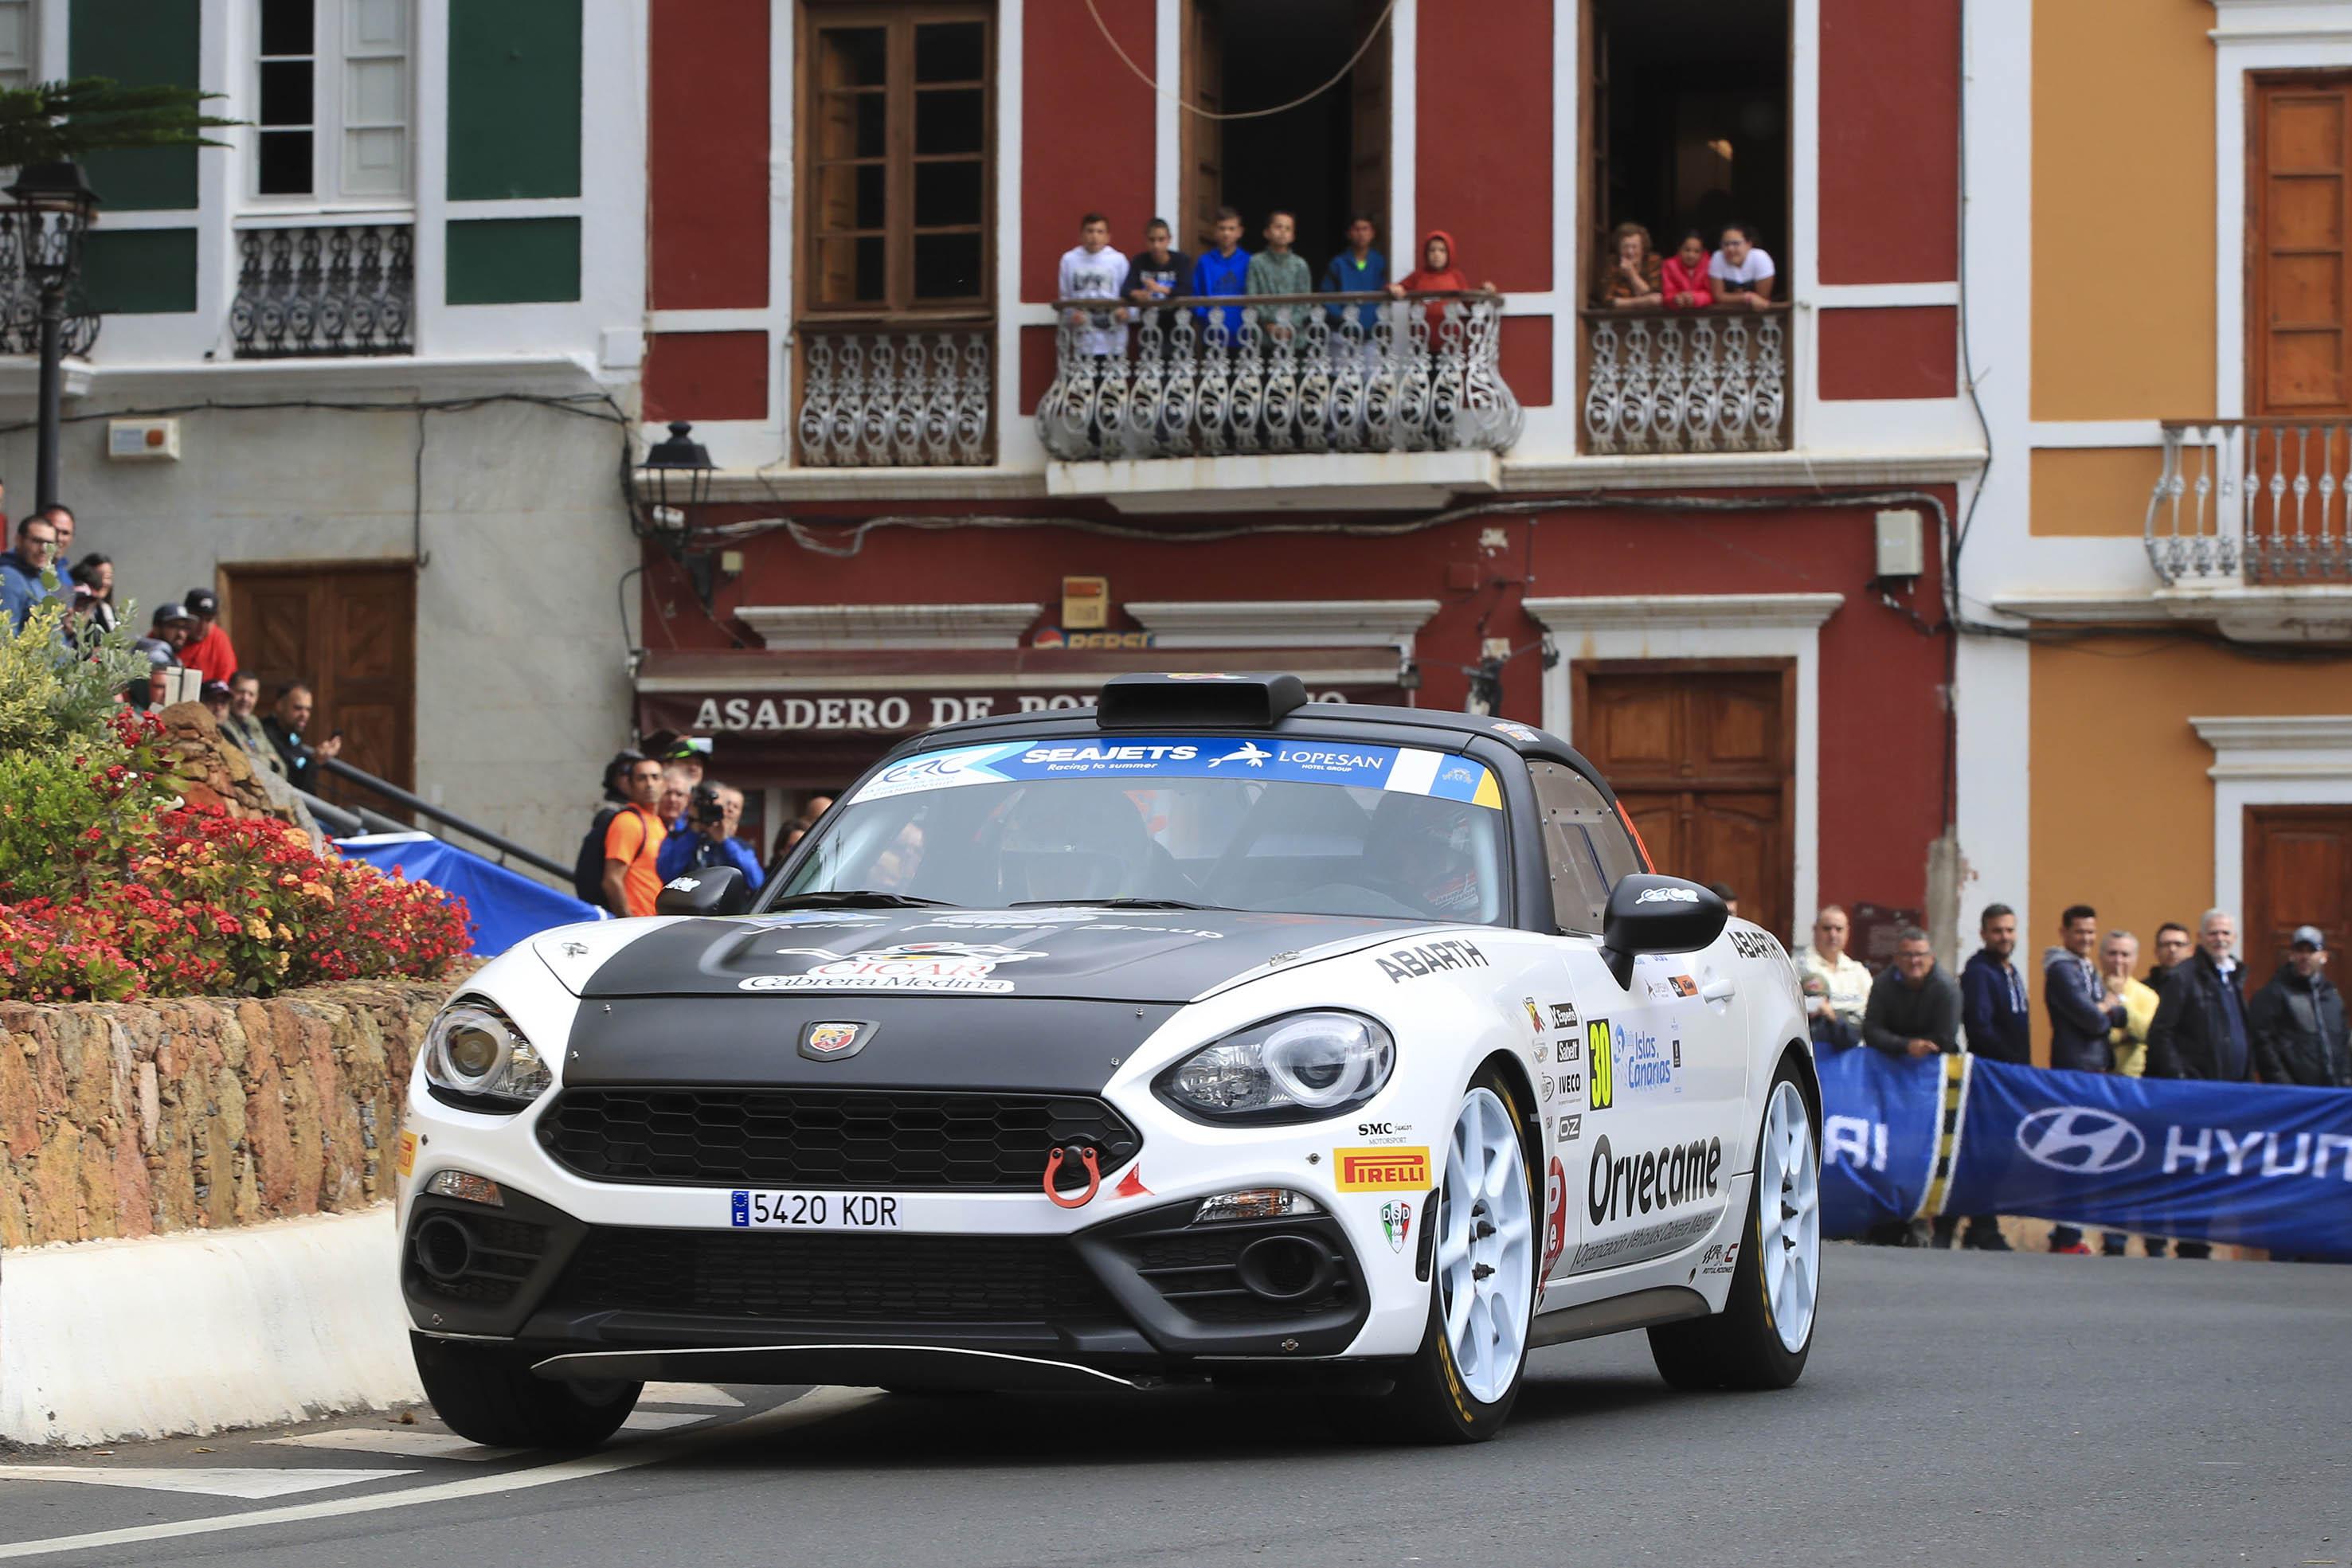 📢 Doble podio para García y Díaz en el apartado internacional del 🏁 Rally Islas Canarias